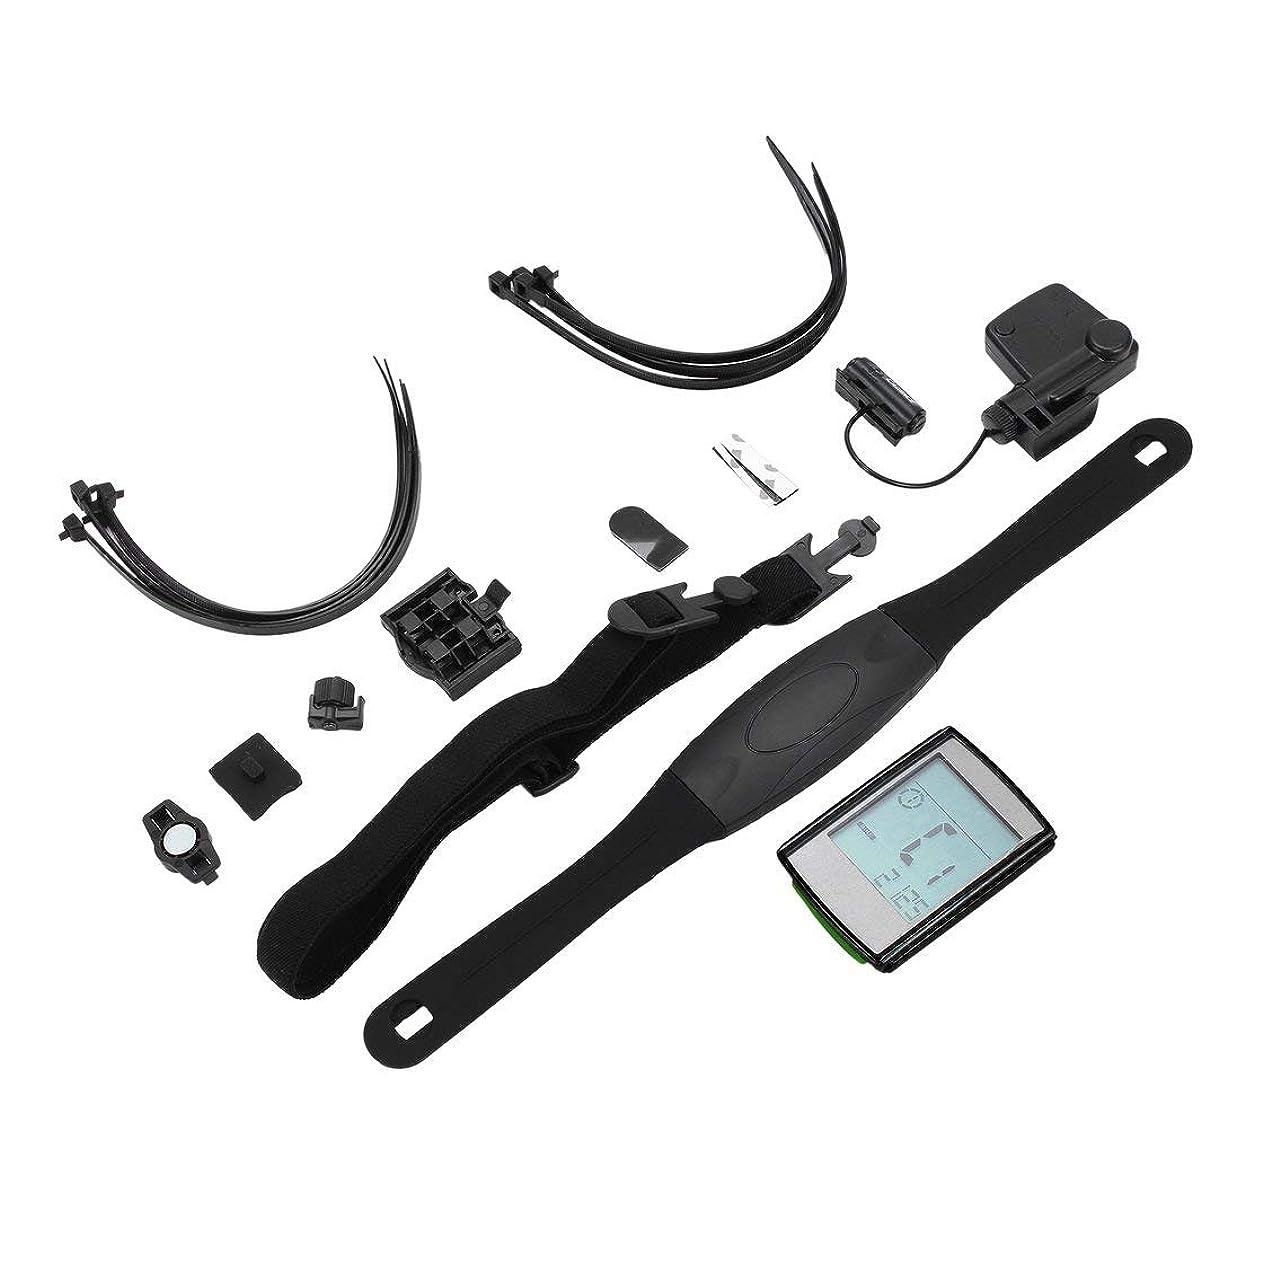 機転ゼリー型BC235プロフェッショナルワイヤレス多機能防水LCDディスプレイバイクコンピュータ走行距離計スピードメーター心拍数モニター (色:ローズレッド)(Rustle666)